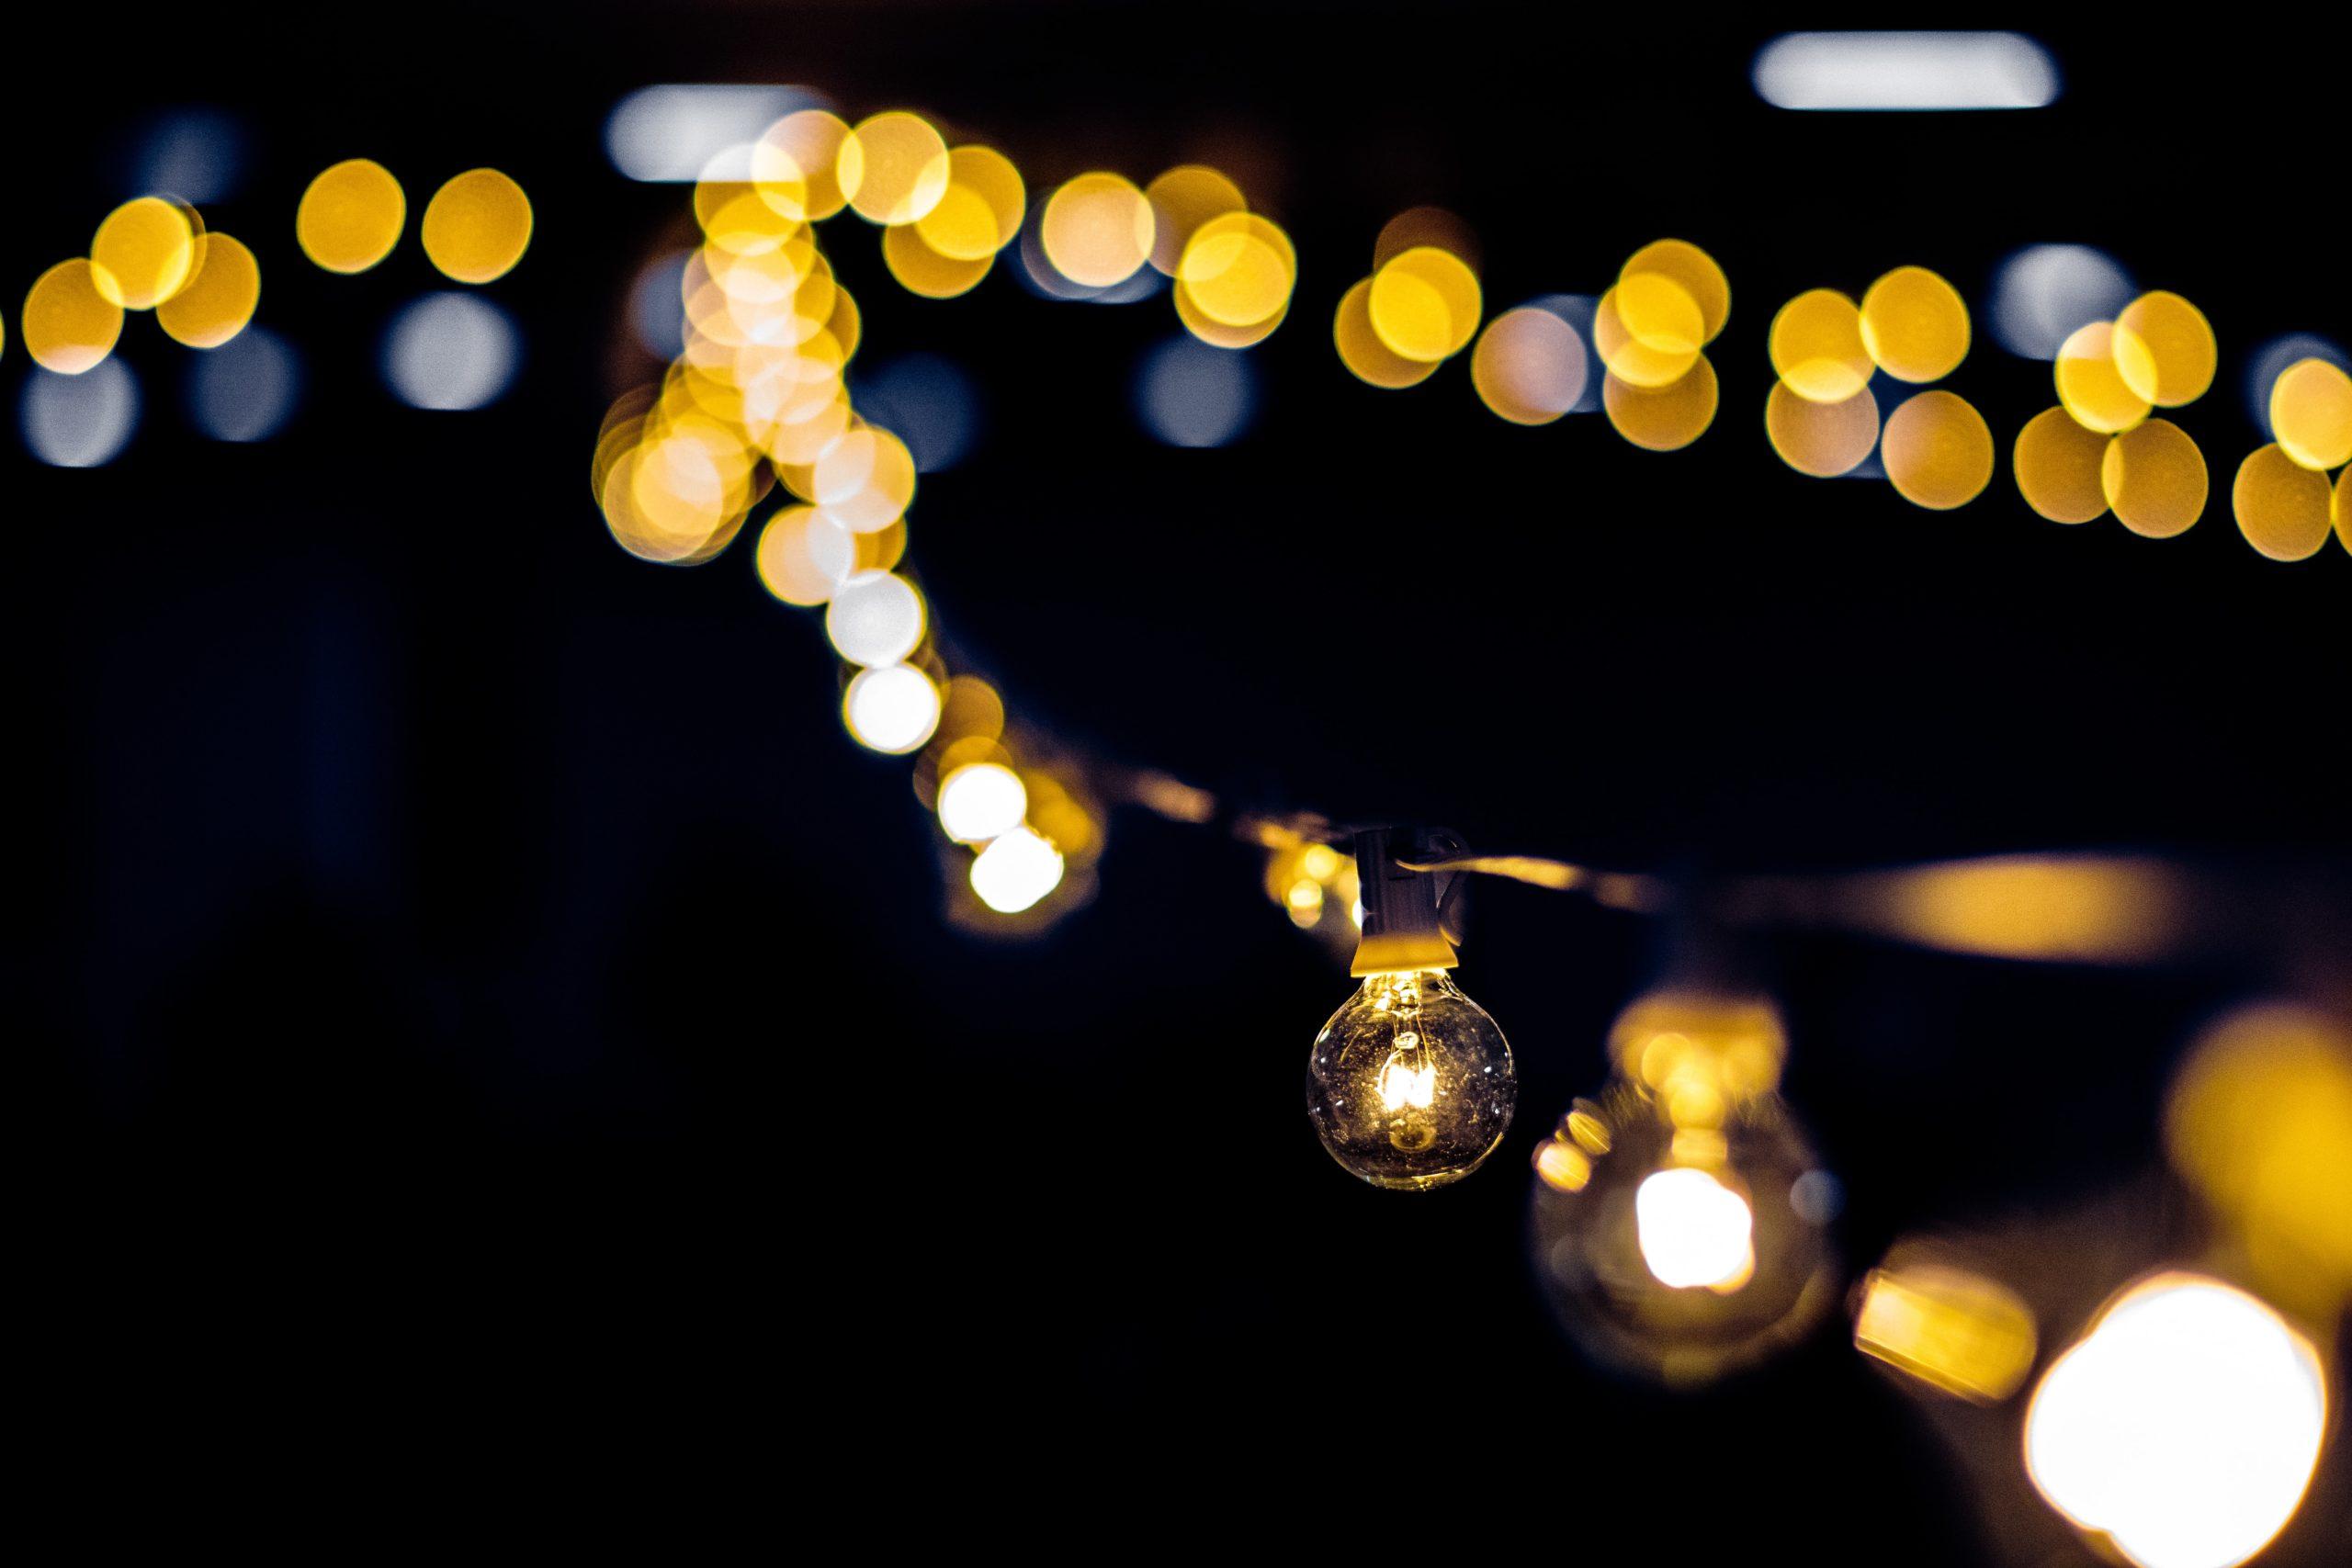 Blurred string lights